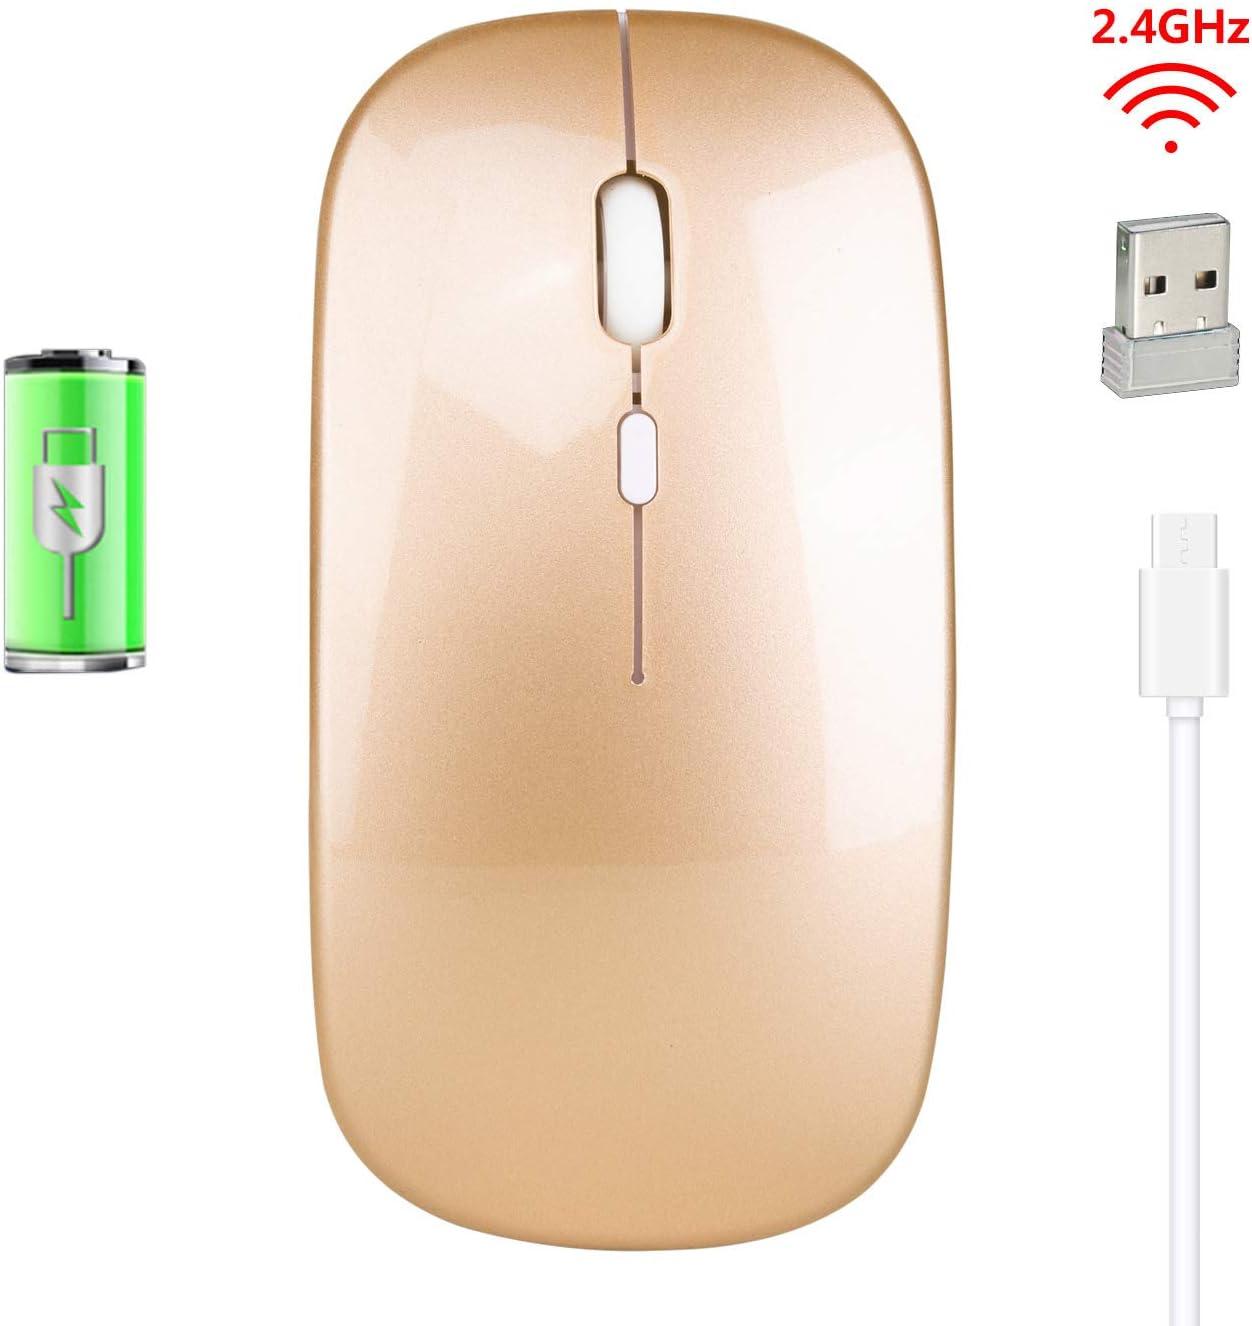 Ratón inalámbrico Lusnebo sin Ruido, con 3 Niveles de dpi Ajustables y ópticos de 2,4 G, Recargable, inalámbrico, para Ordenador portátil, Ordenador, MacBook (Dorado)